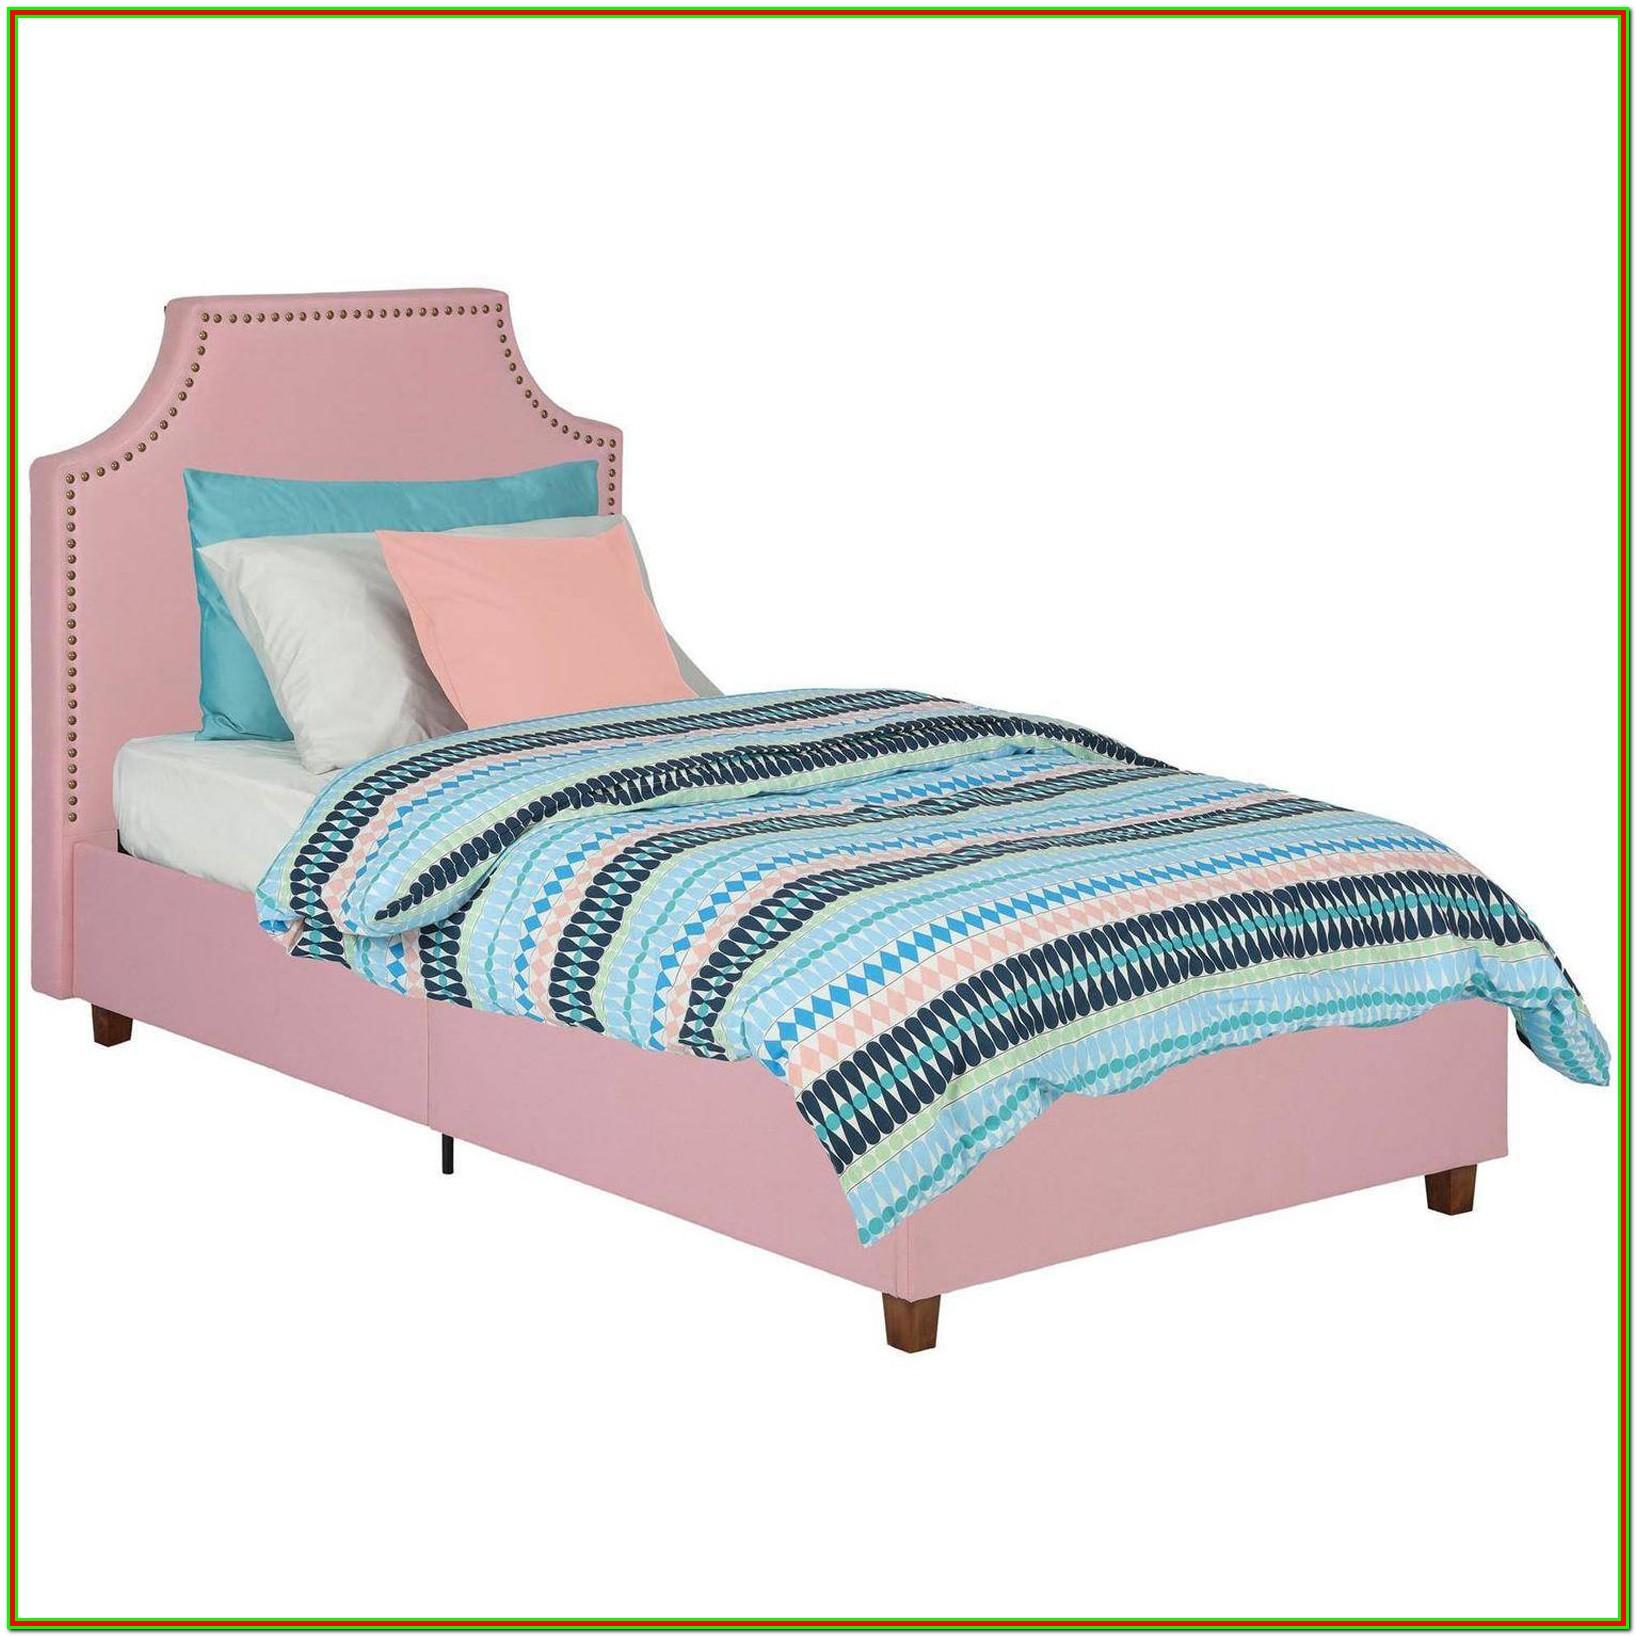 Pink Full Size Platform Bed